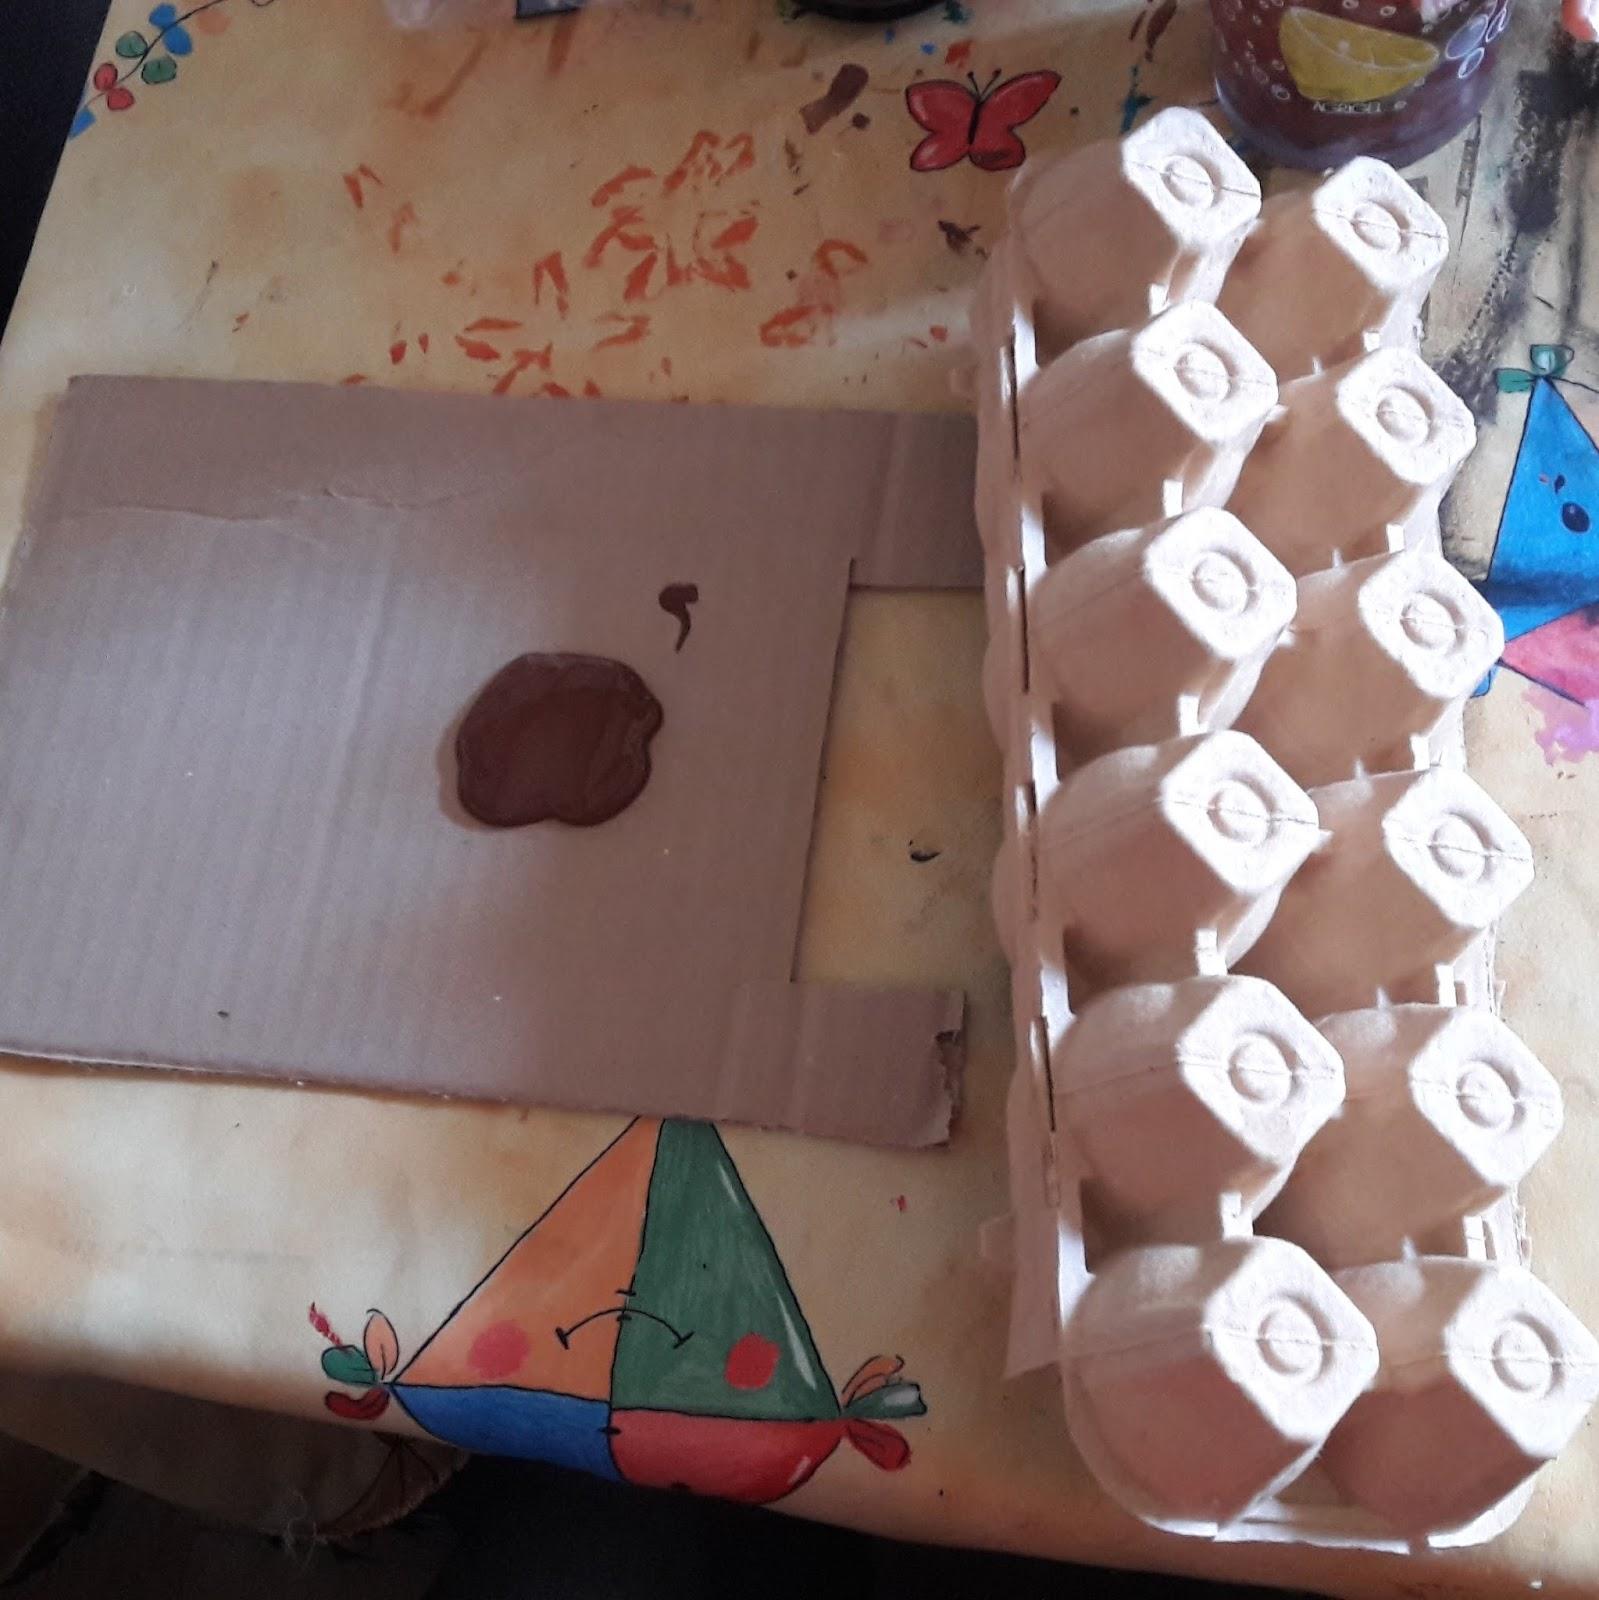 fabriquer untraineau du pere noel comment fabriquer un traineau du pere noel avec récupu0027 boite à oeufs